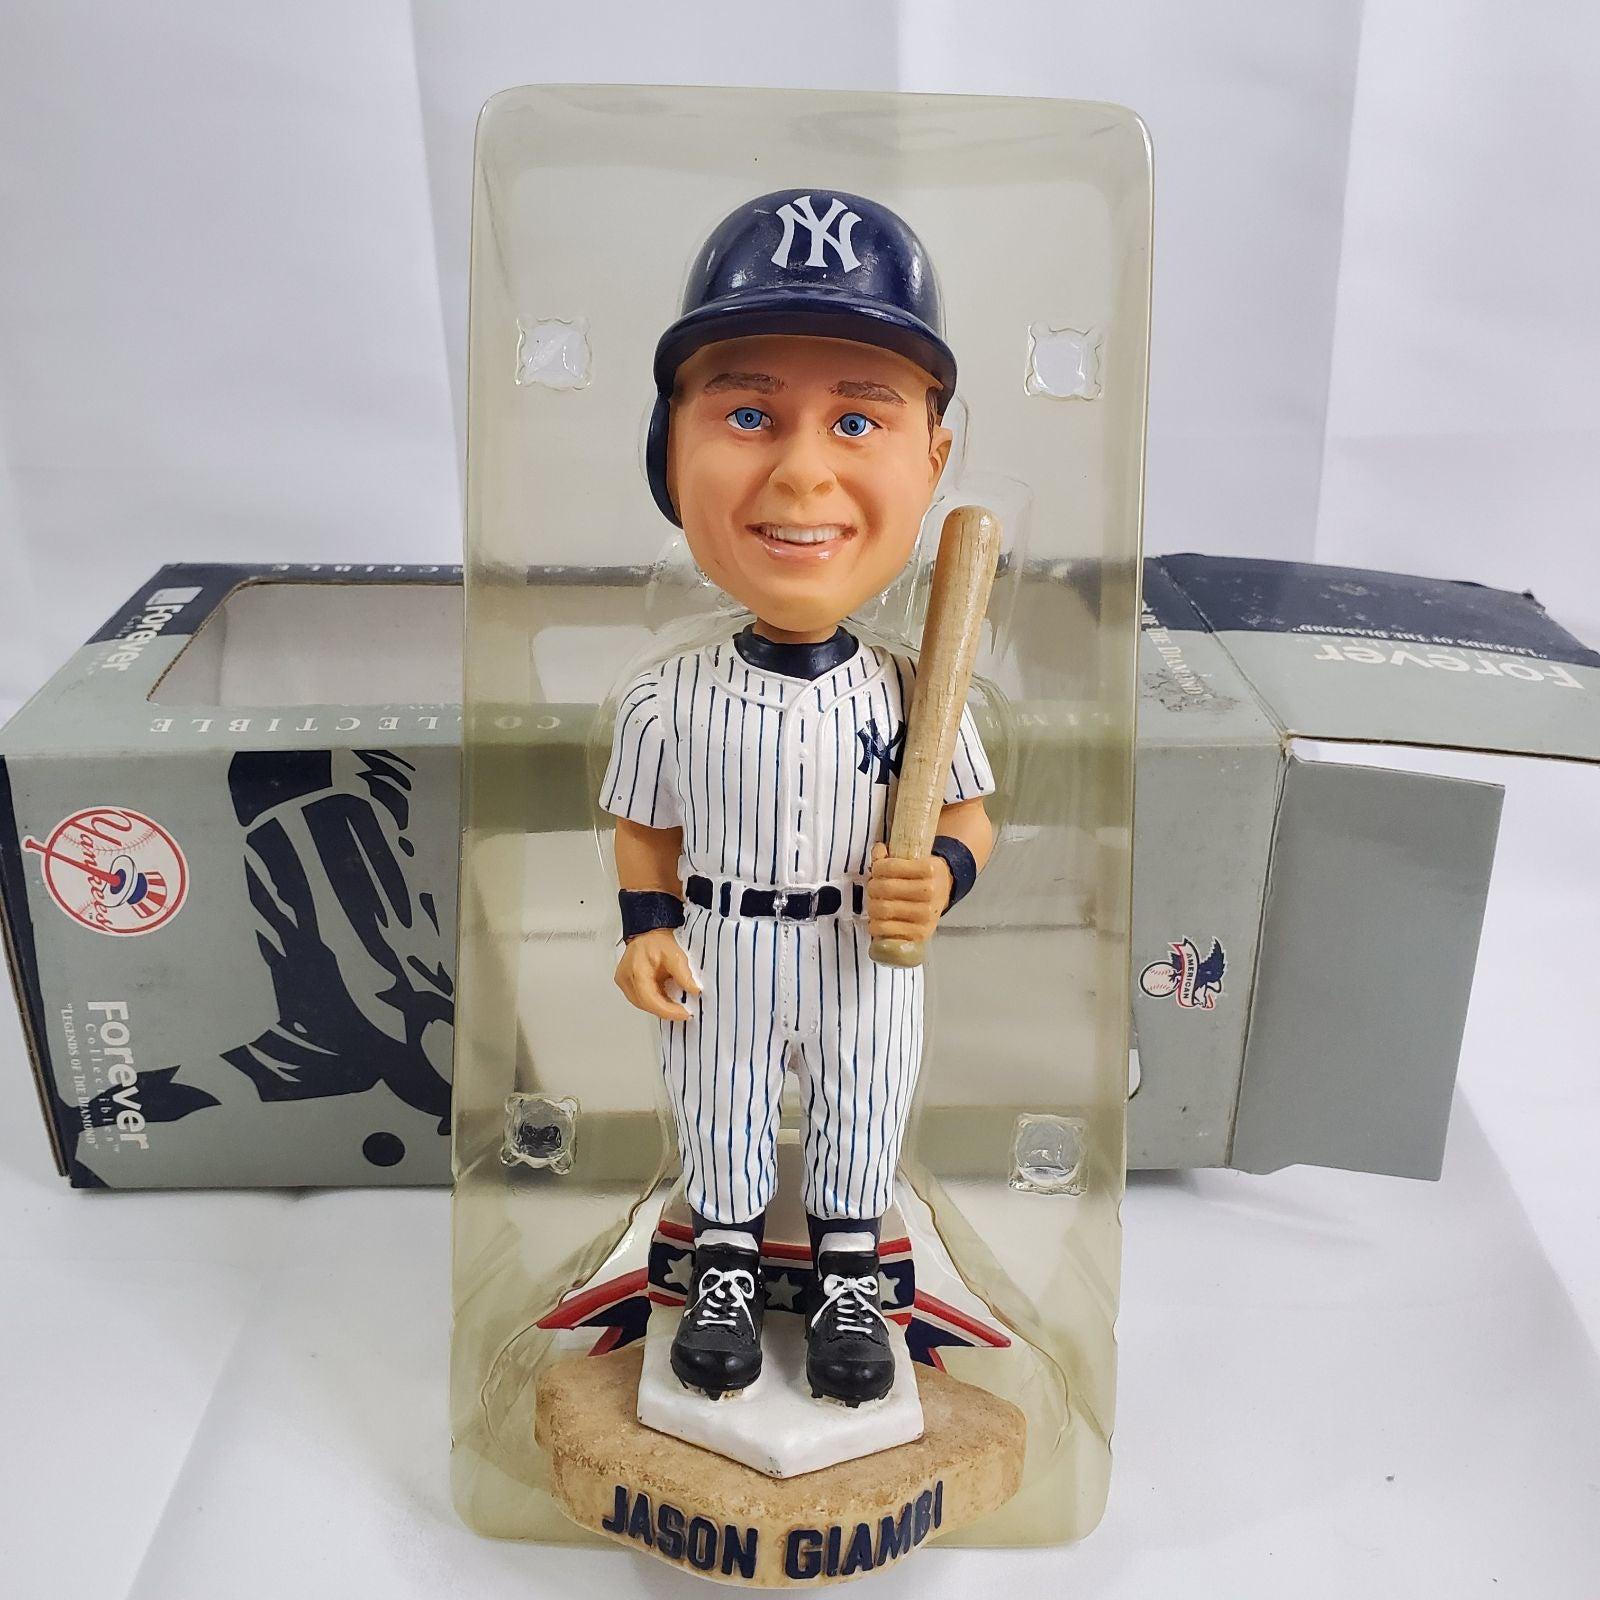 VTG Giambi Forever Bobblehead Yankees